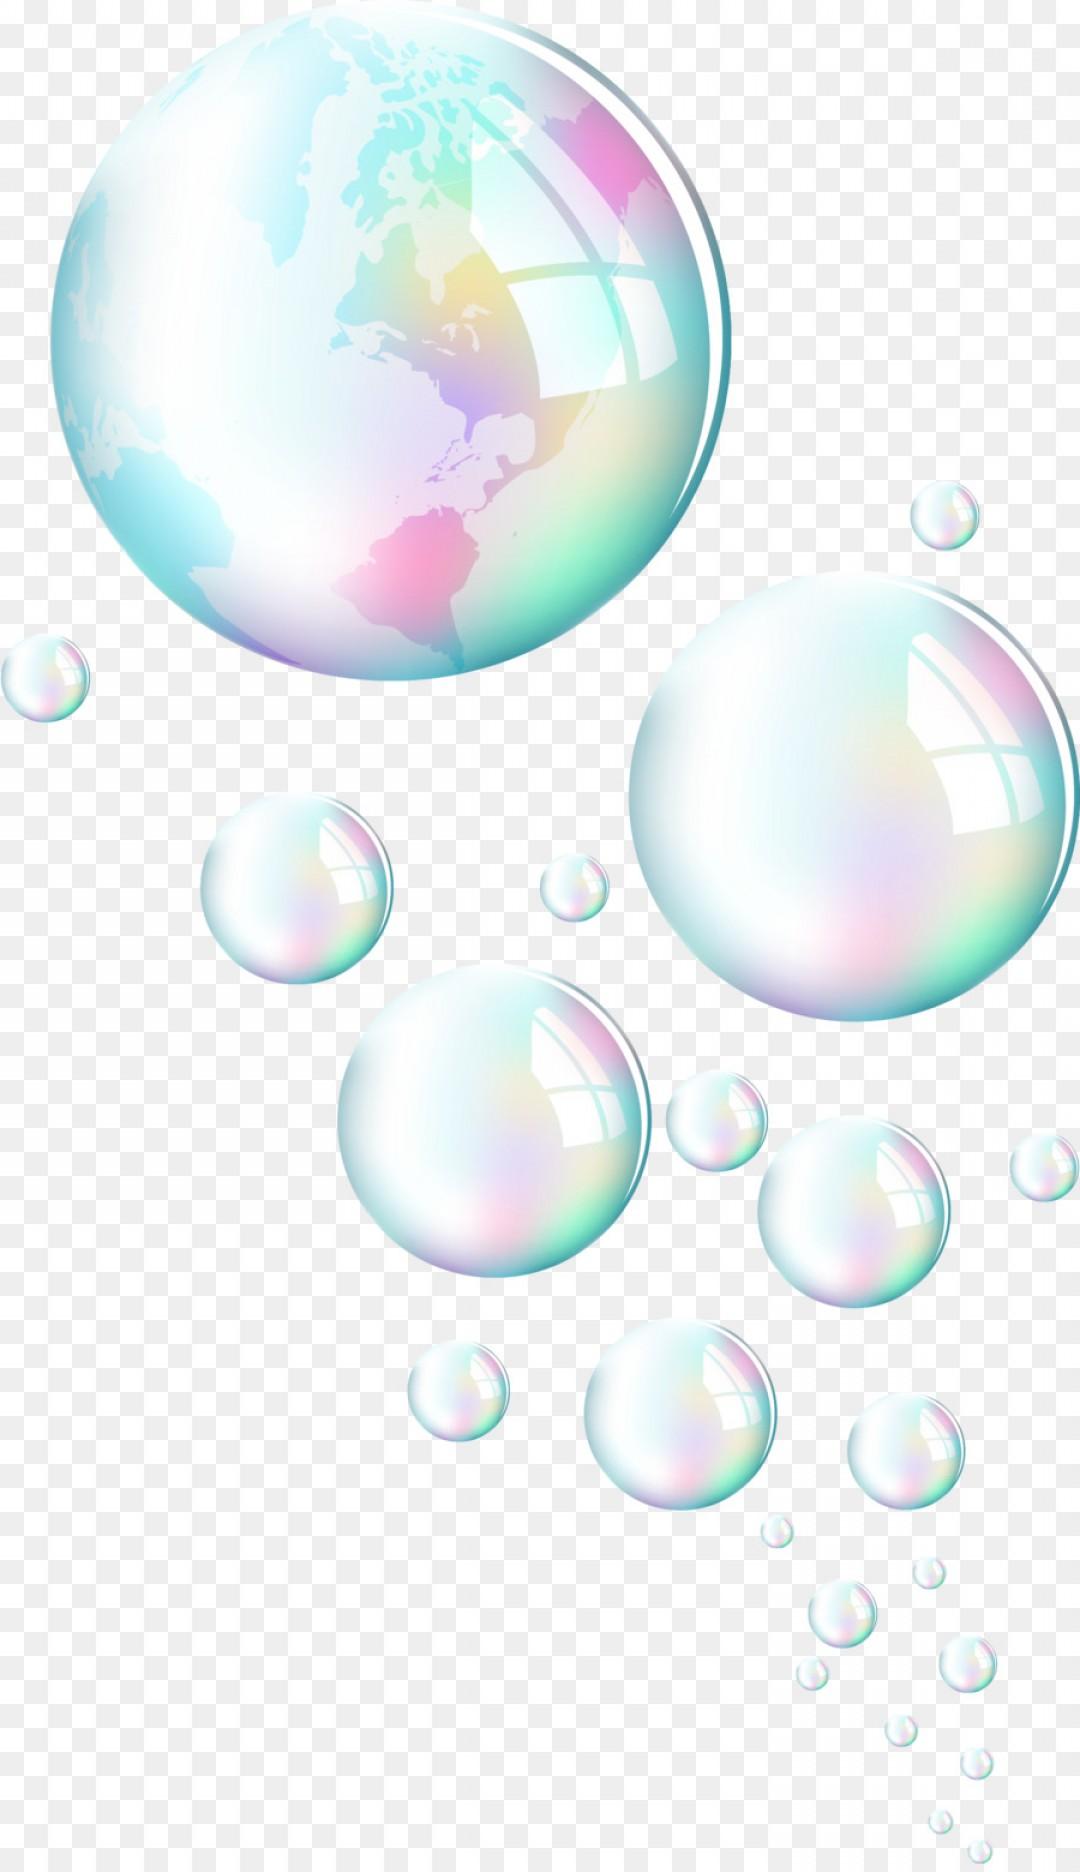 Png Color Download Science Fantasy Bubble Vector.